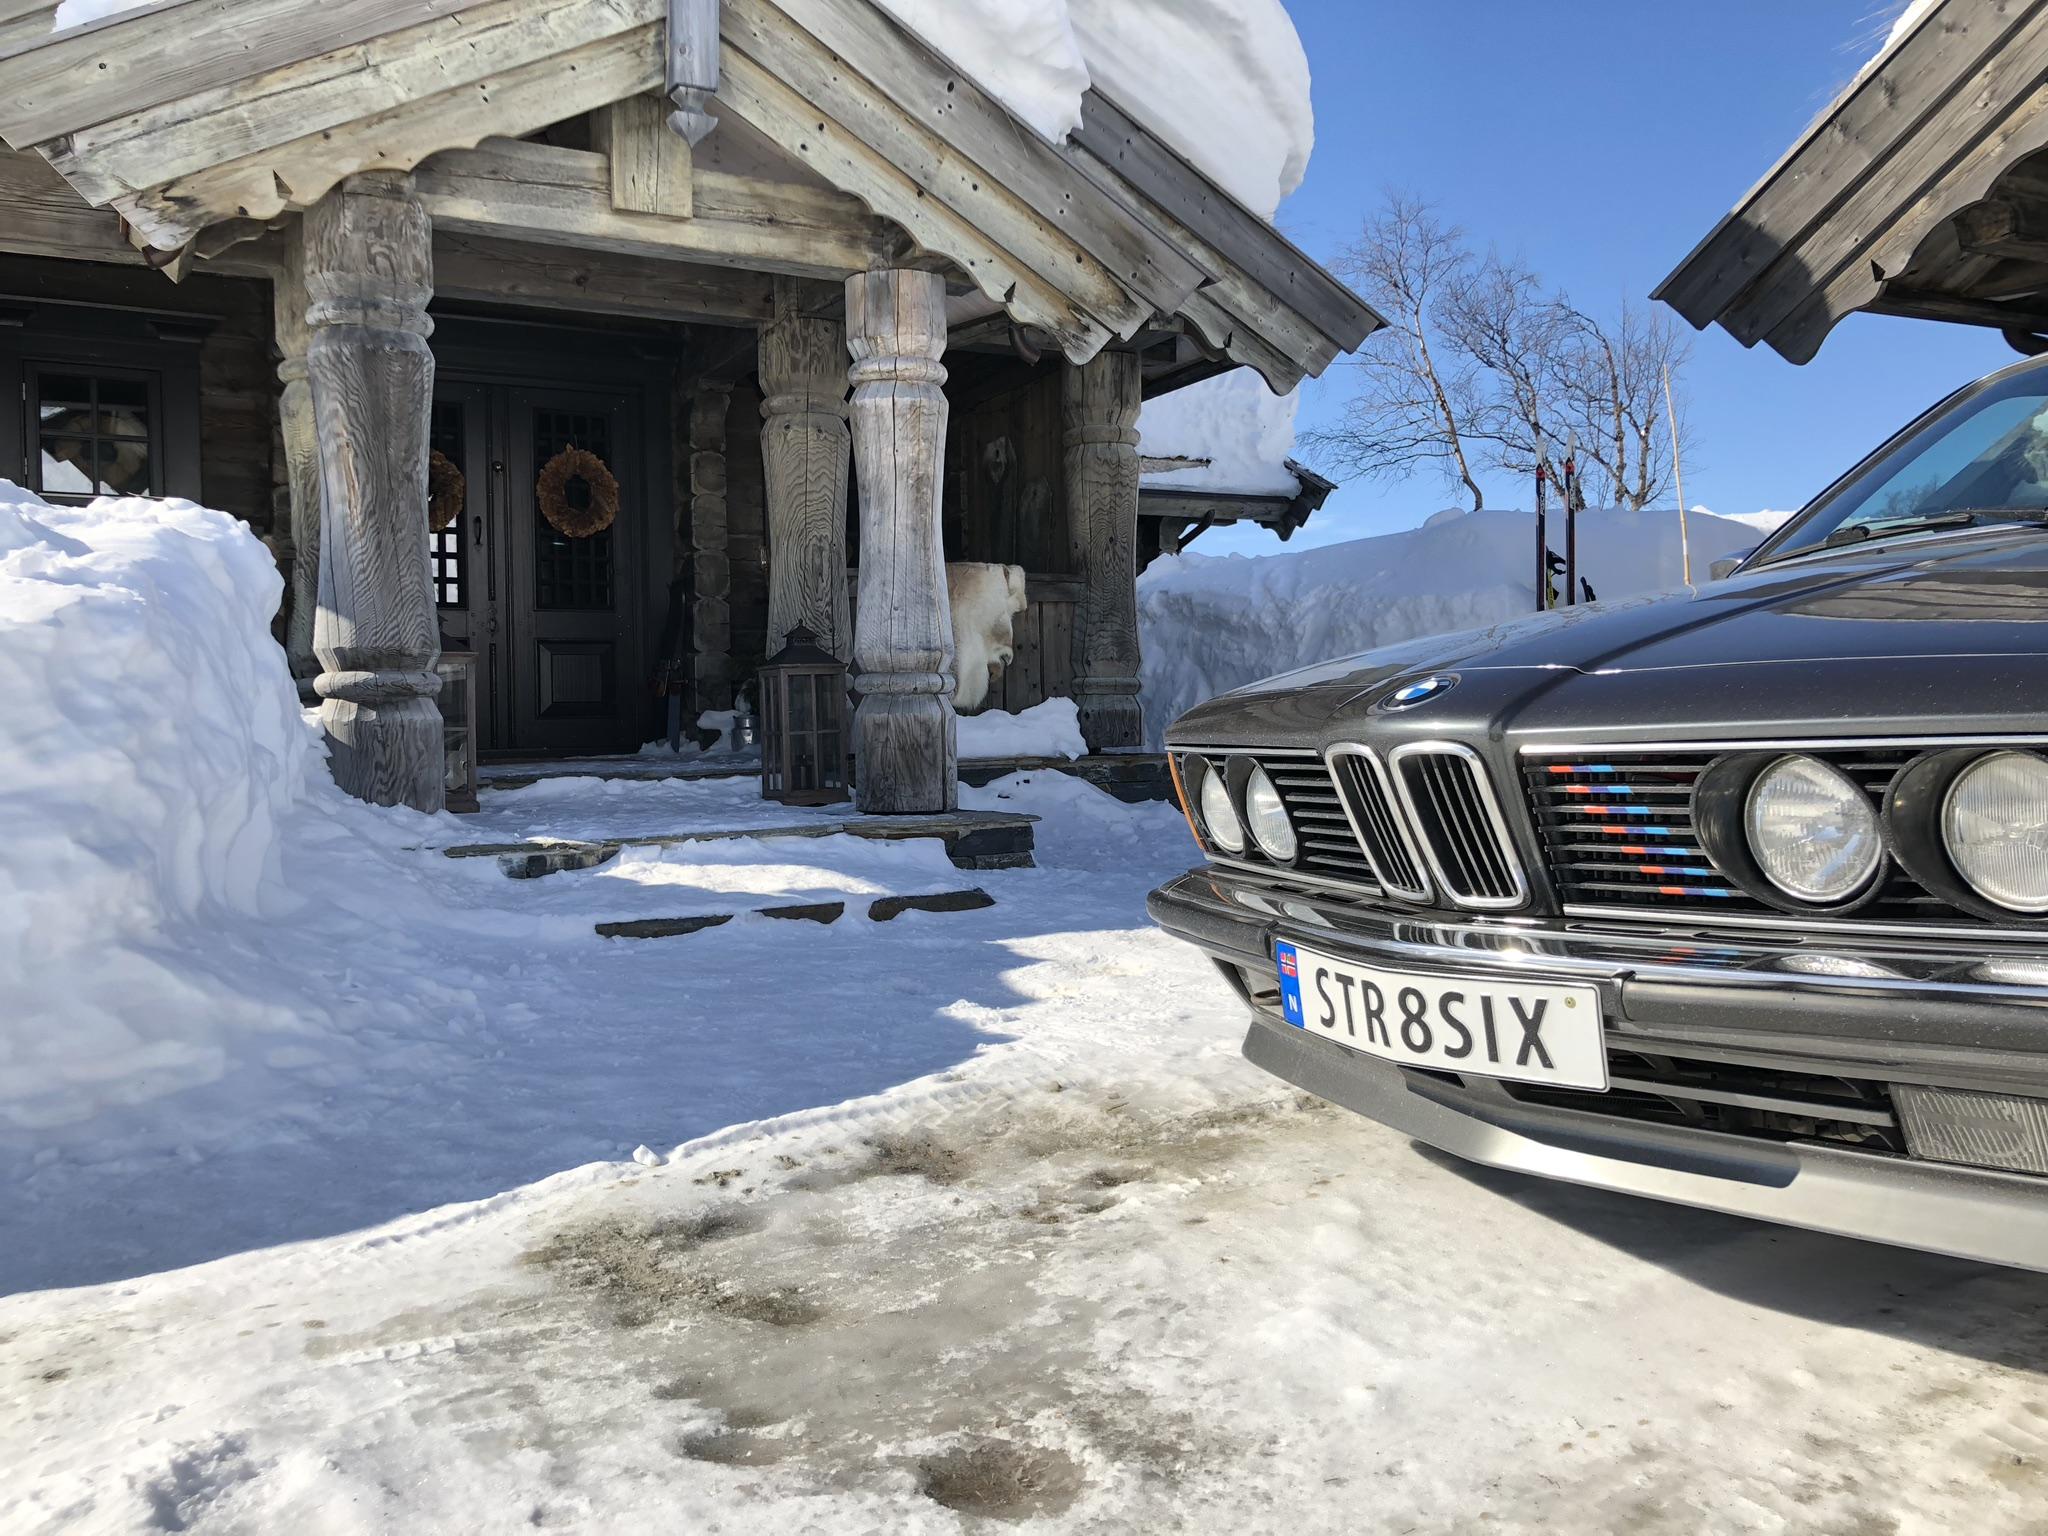 Thomas har ikke vært redd for å bruke bilen, selv på vinterføre.